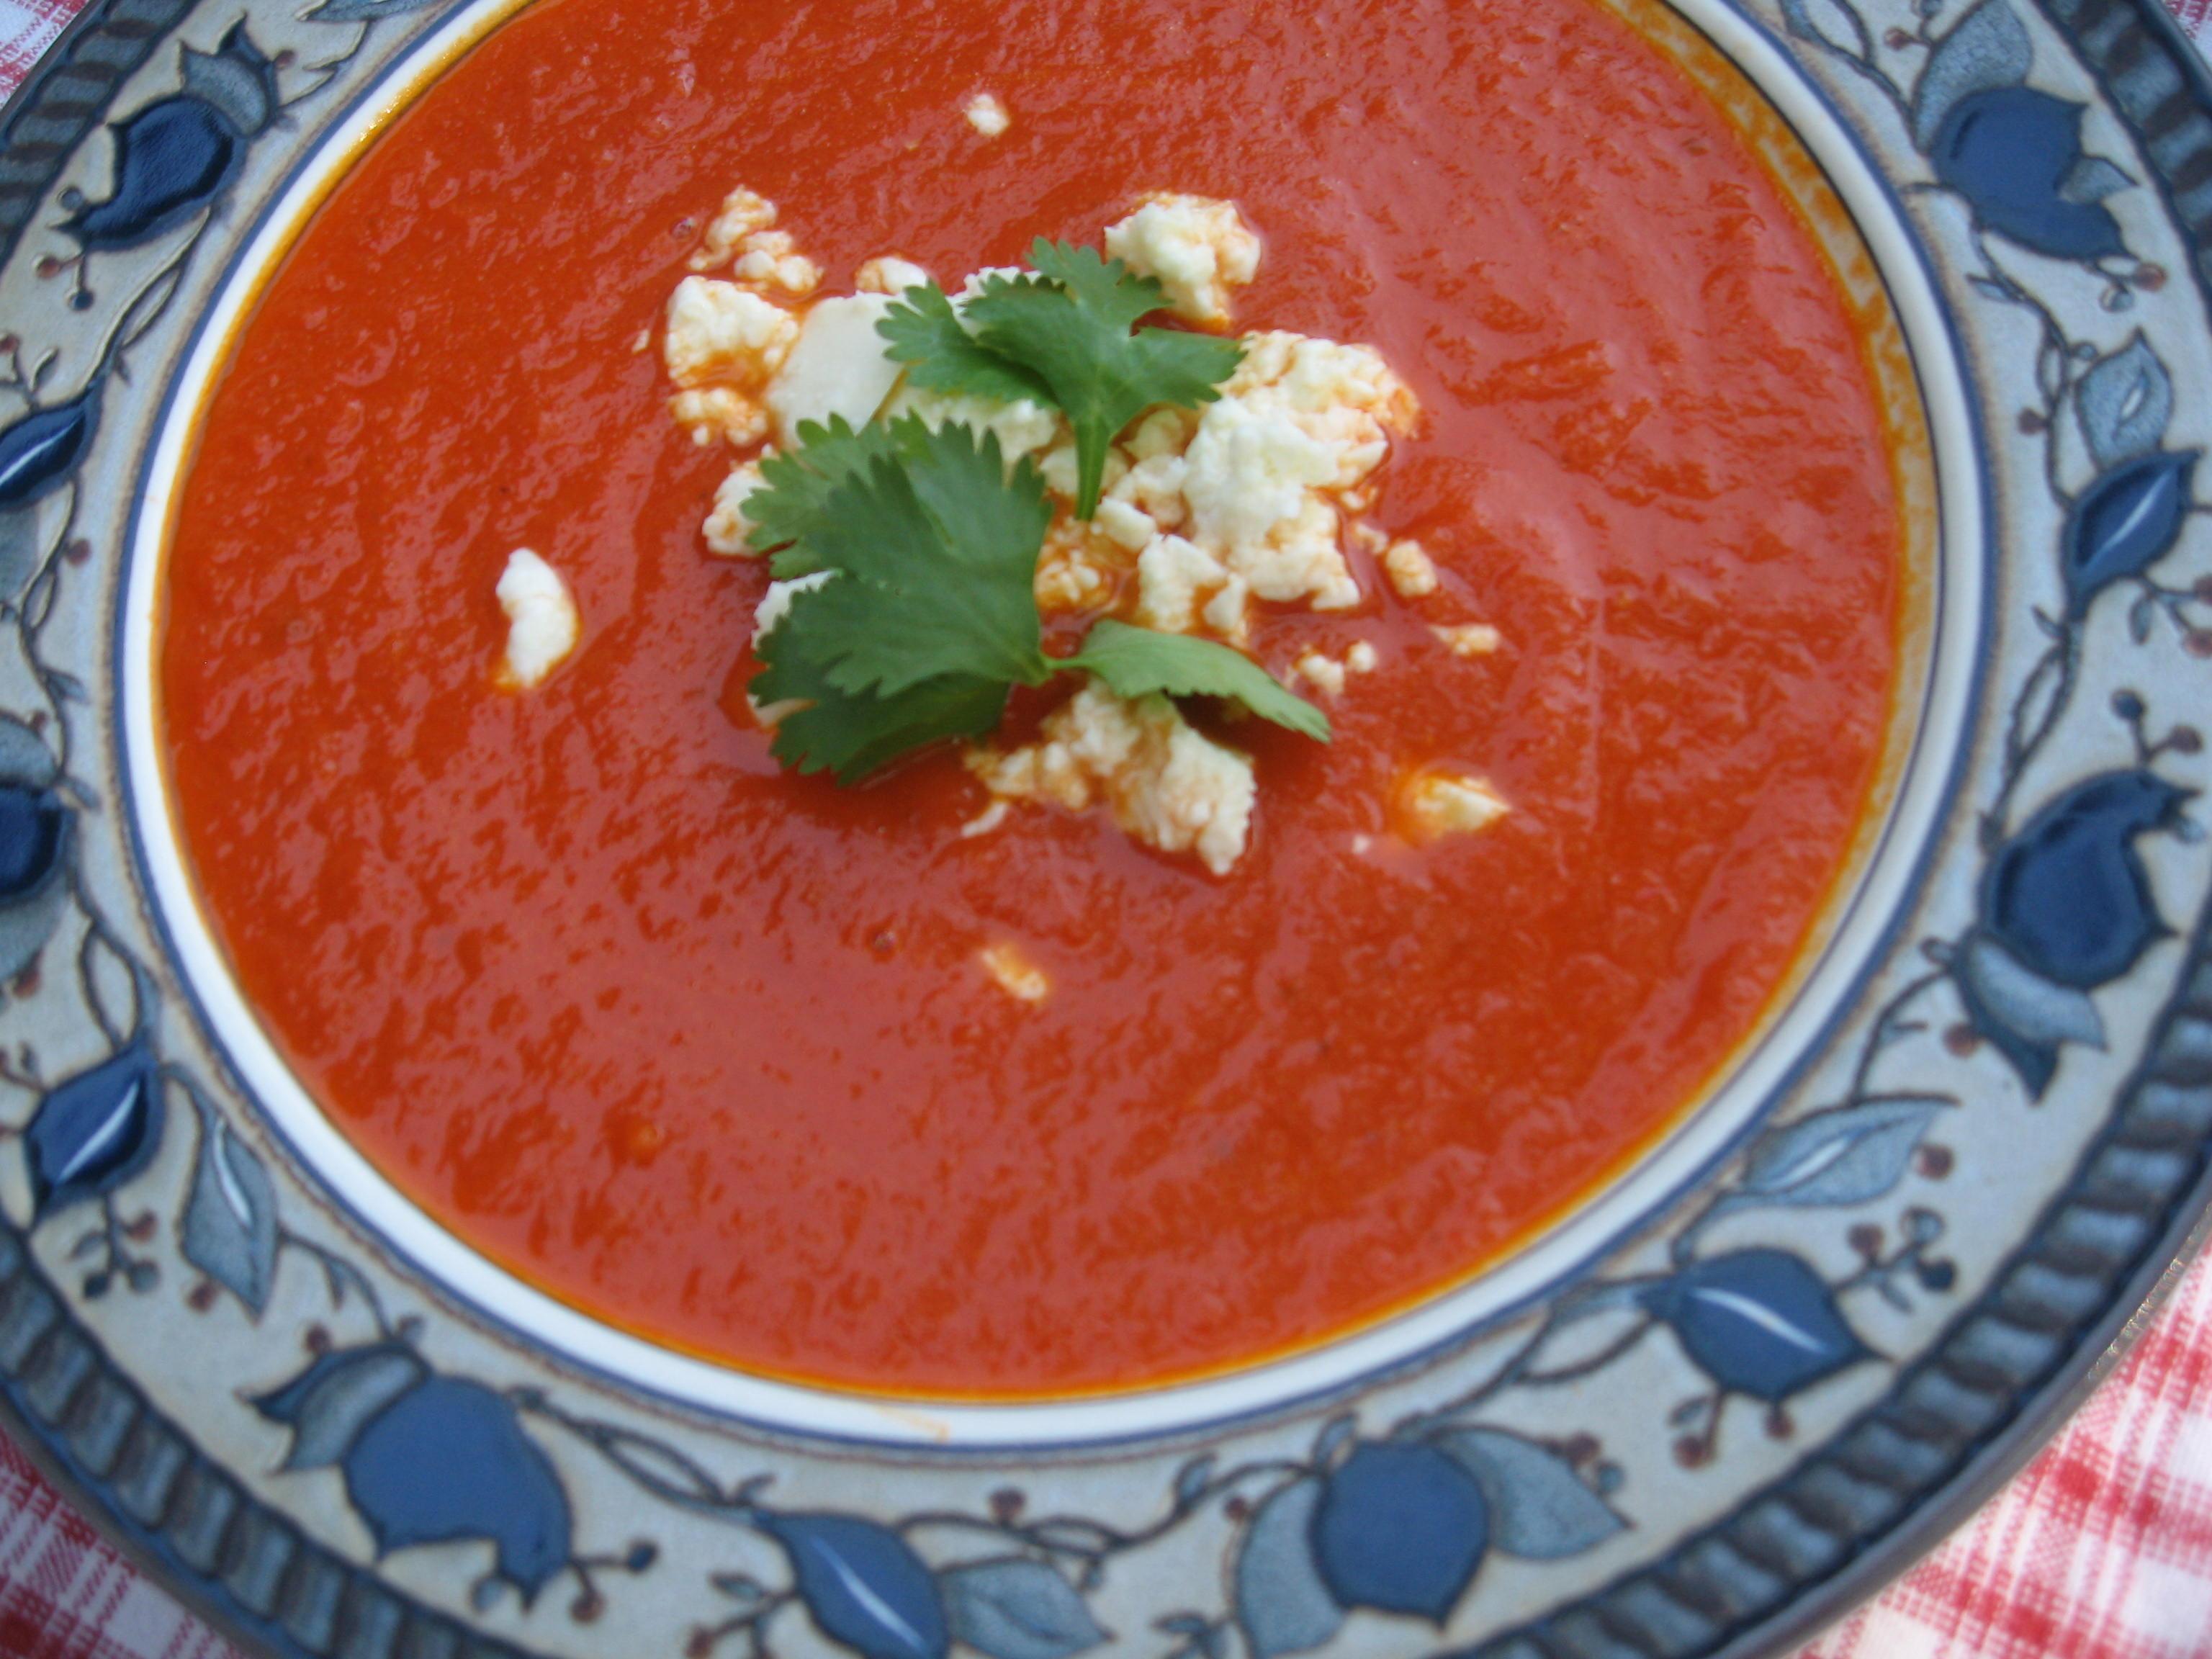 Chipotle-Tomato Soup with Queso Fresco   Tasty Kitchen: A Happy Recipe ...